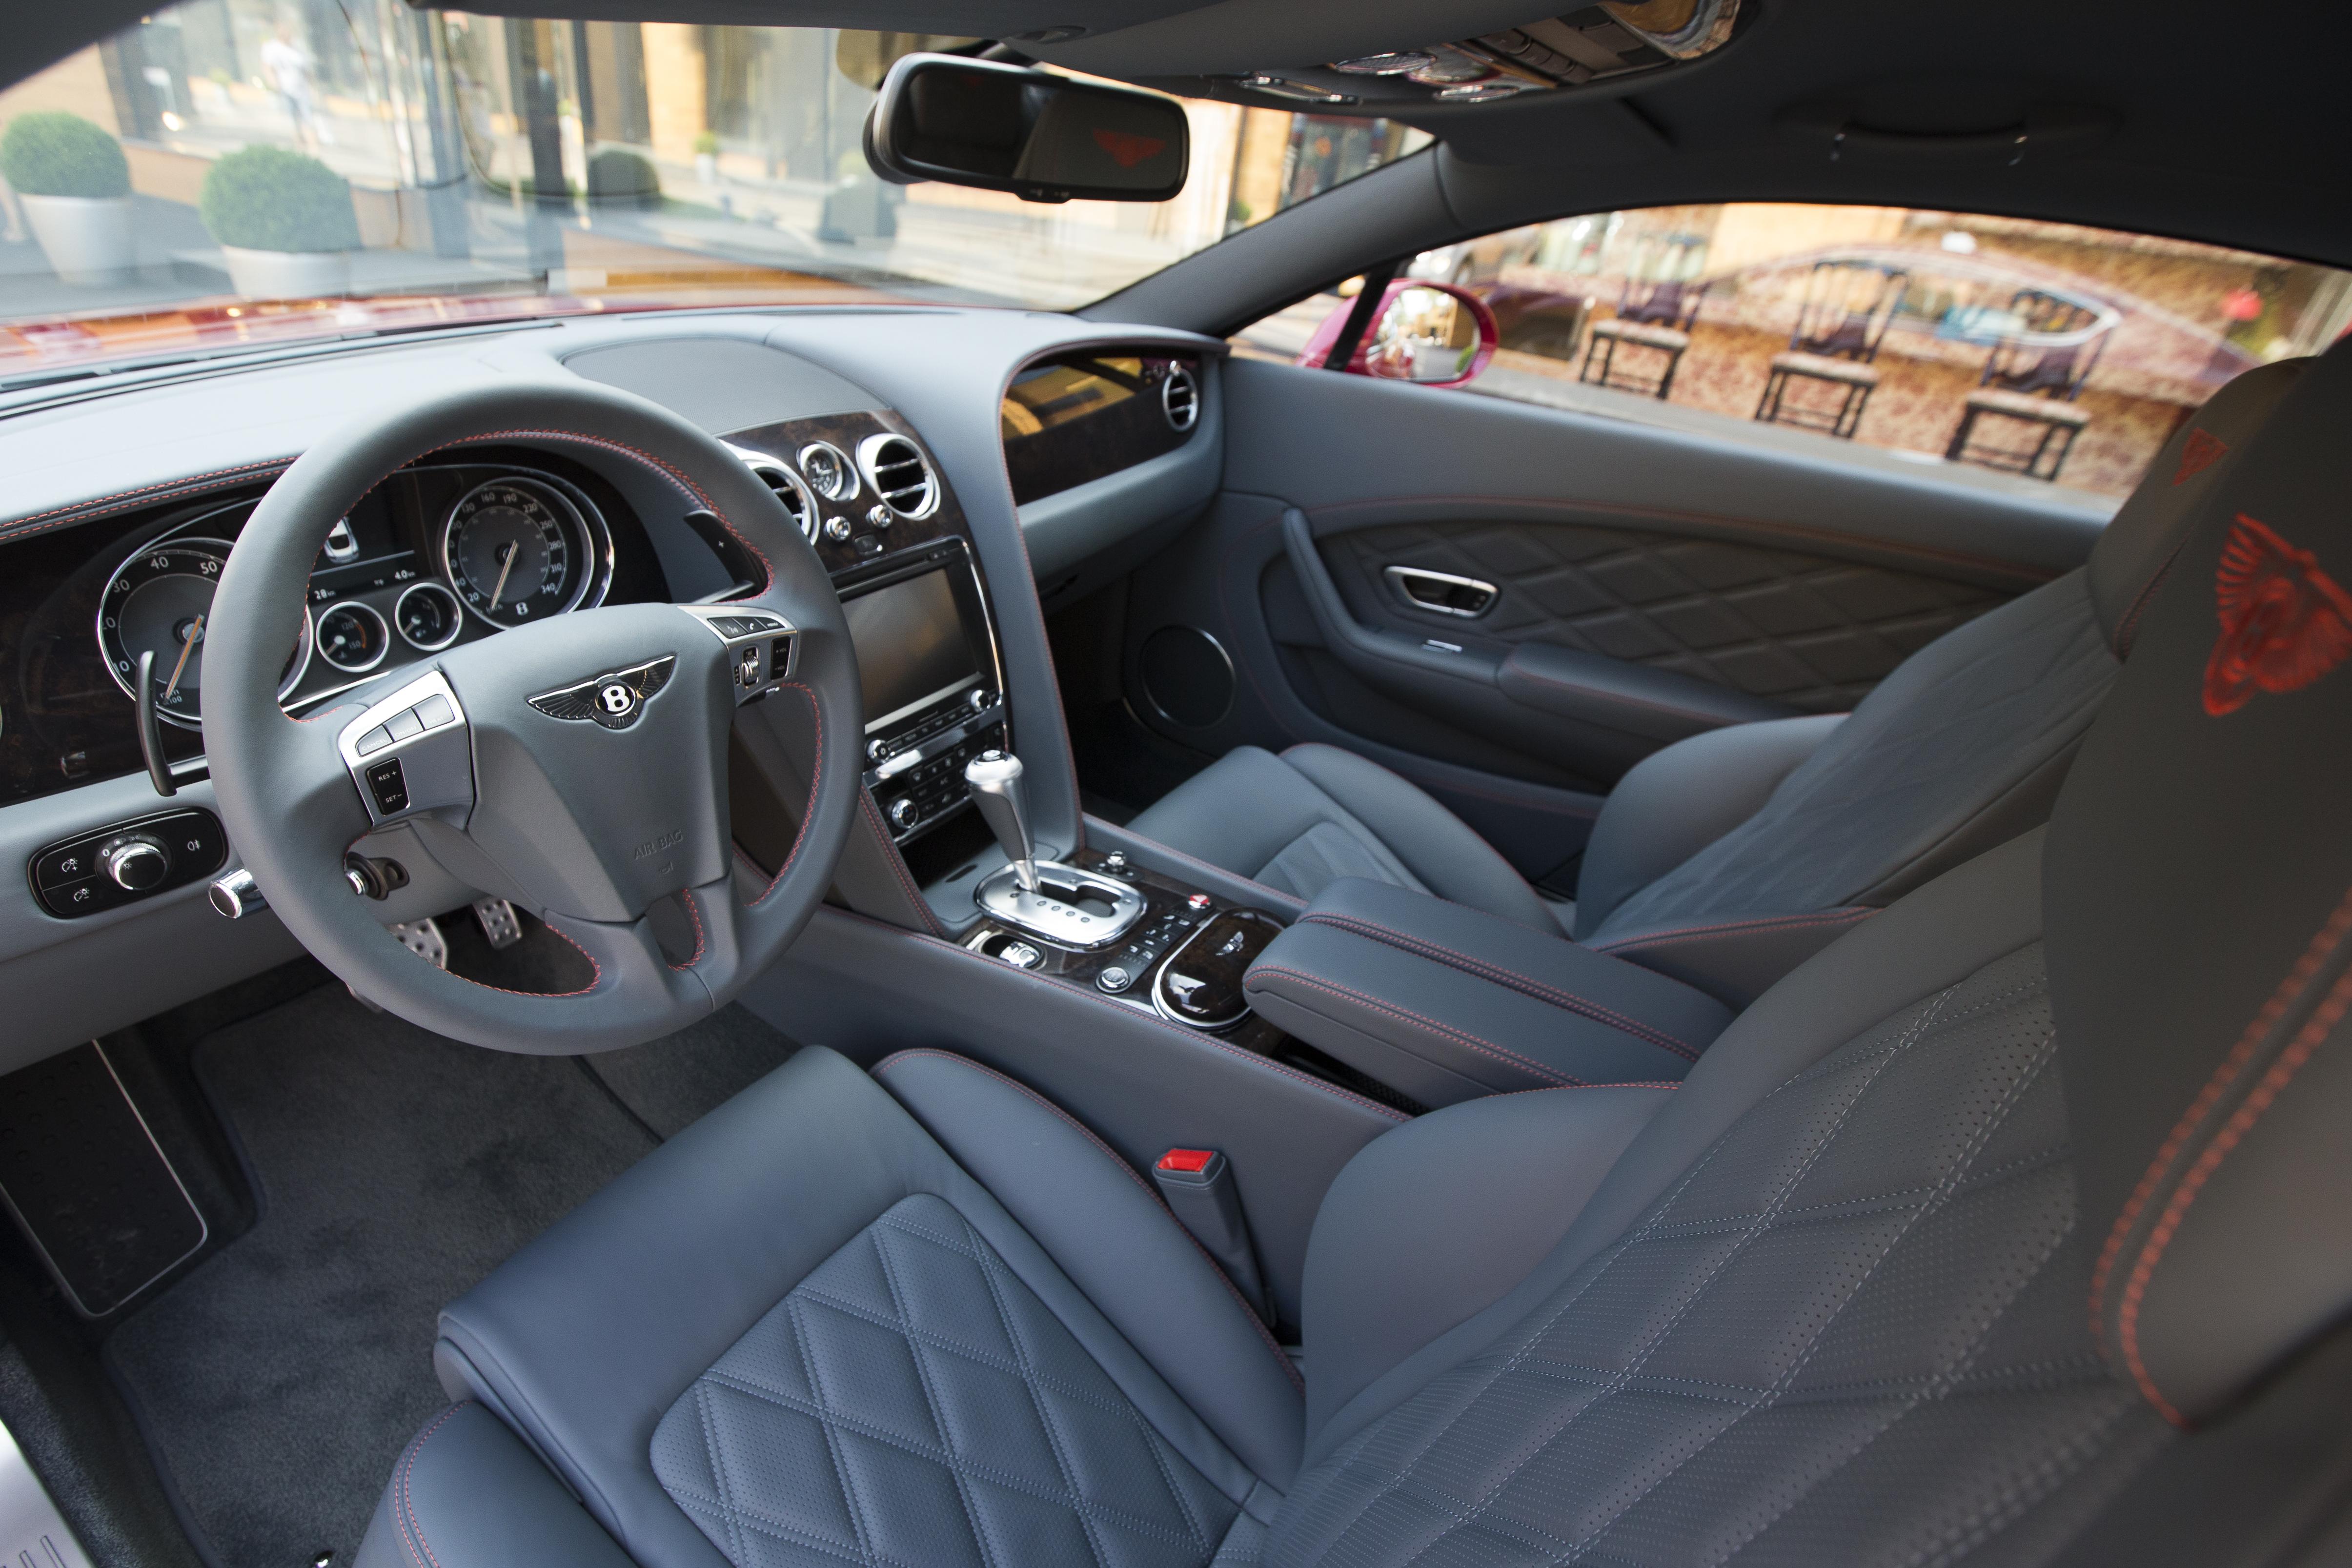 ВРЕМЯ ВЫБИРАТЬ BENTLEY! НОВЫЙ CONTINENTAL GT ОТ 11 900 000 РУБ. - изображение NICK1649 на Bentleymoscow.ru!